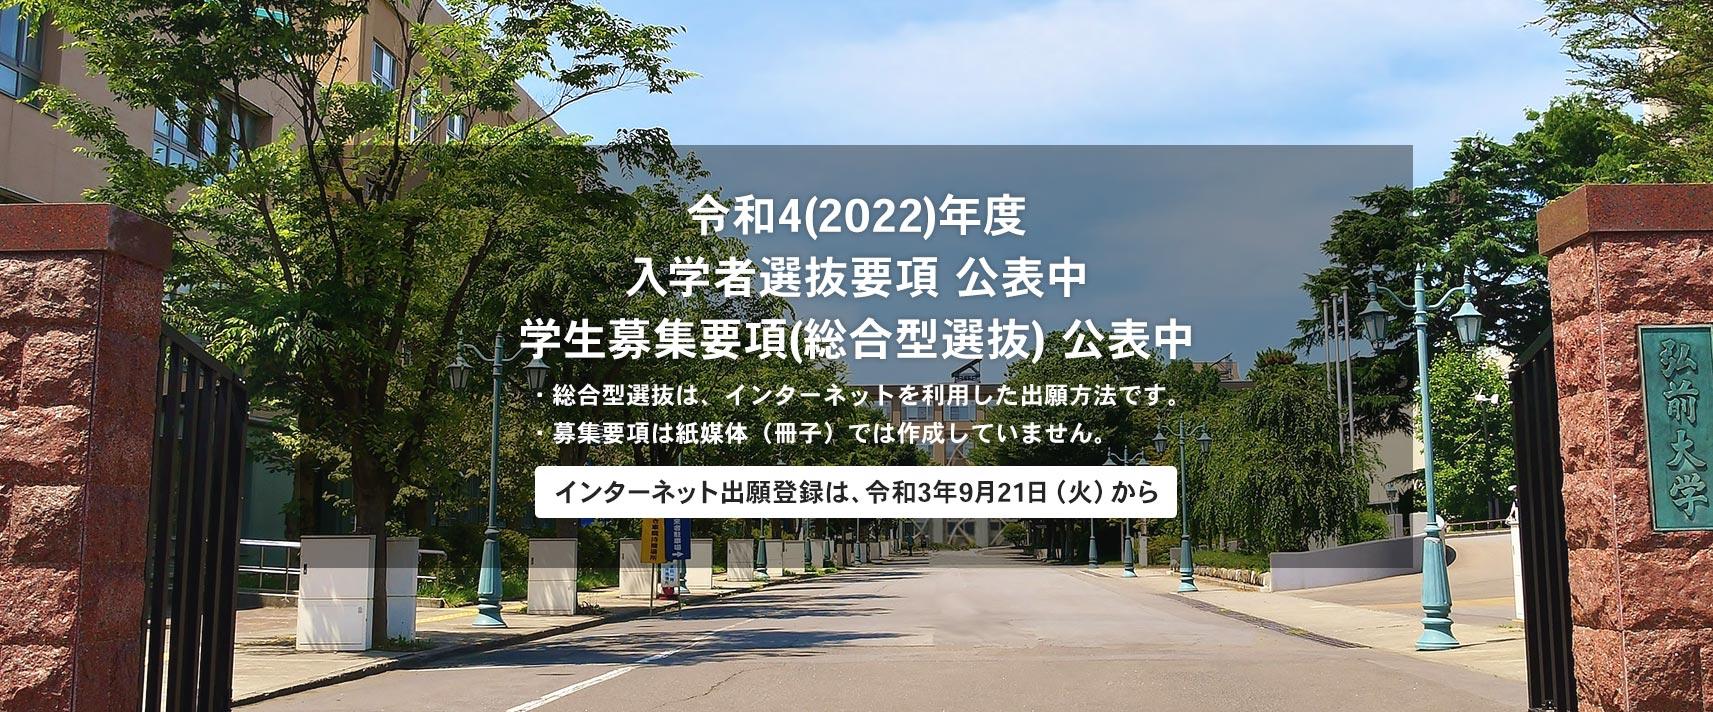 令和4(2022)年度 入学者選抜要項 公表中 学生募集要項(総合型選抜) 公表中